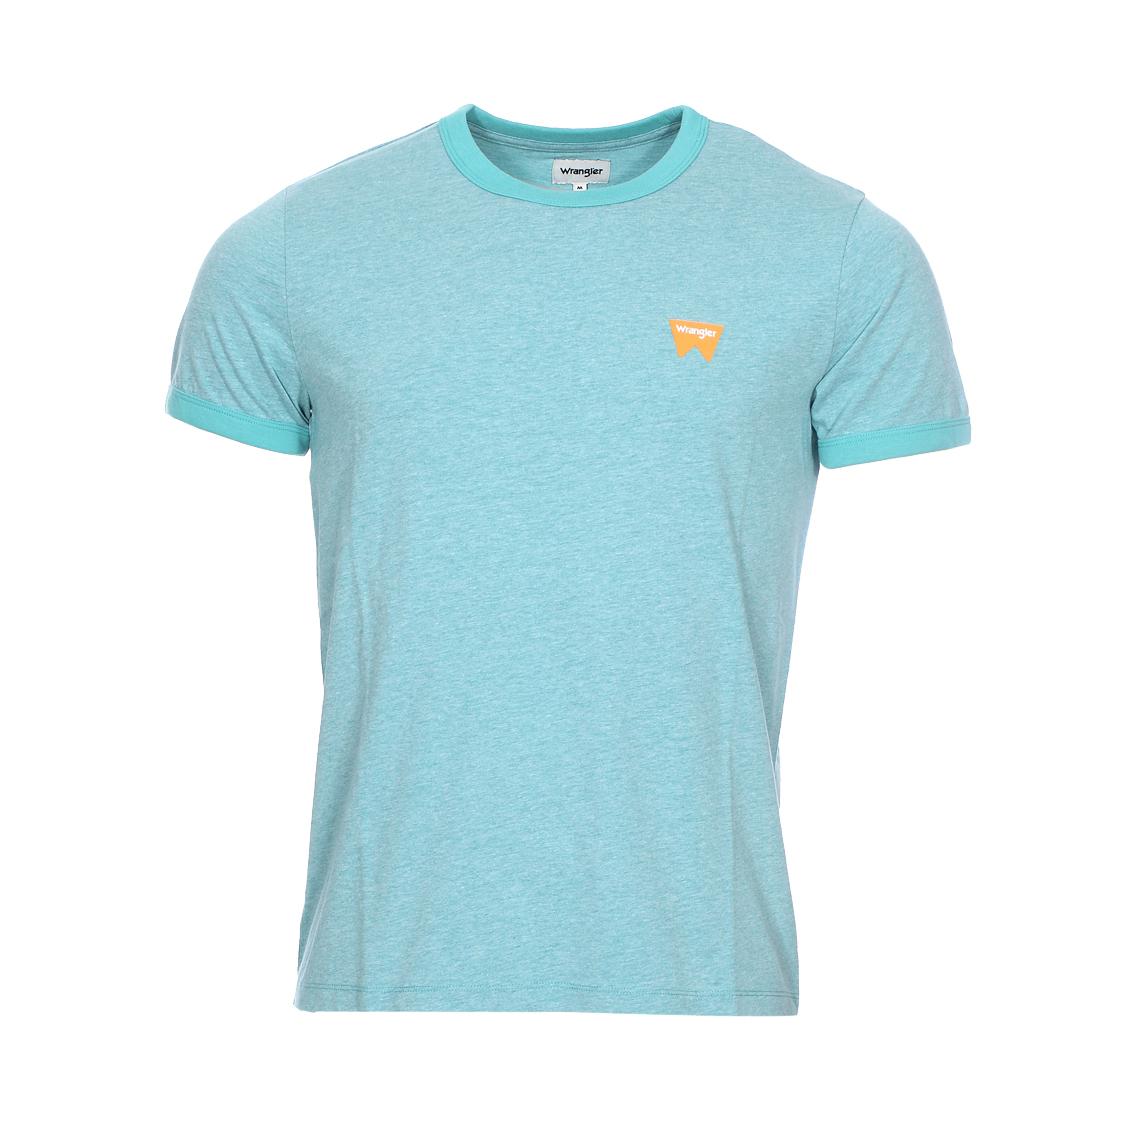 Tee-shirt col rond  sign off en coton mélangé bleu turquoise chiné